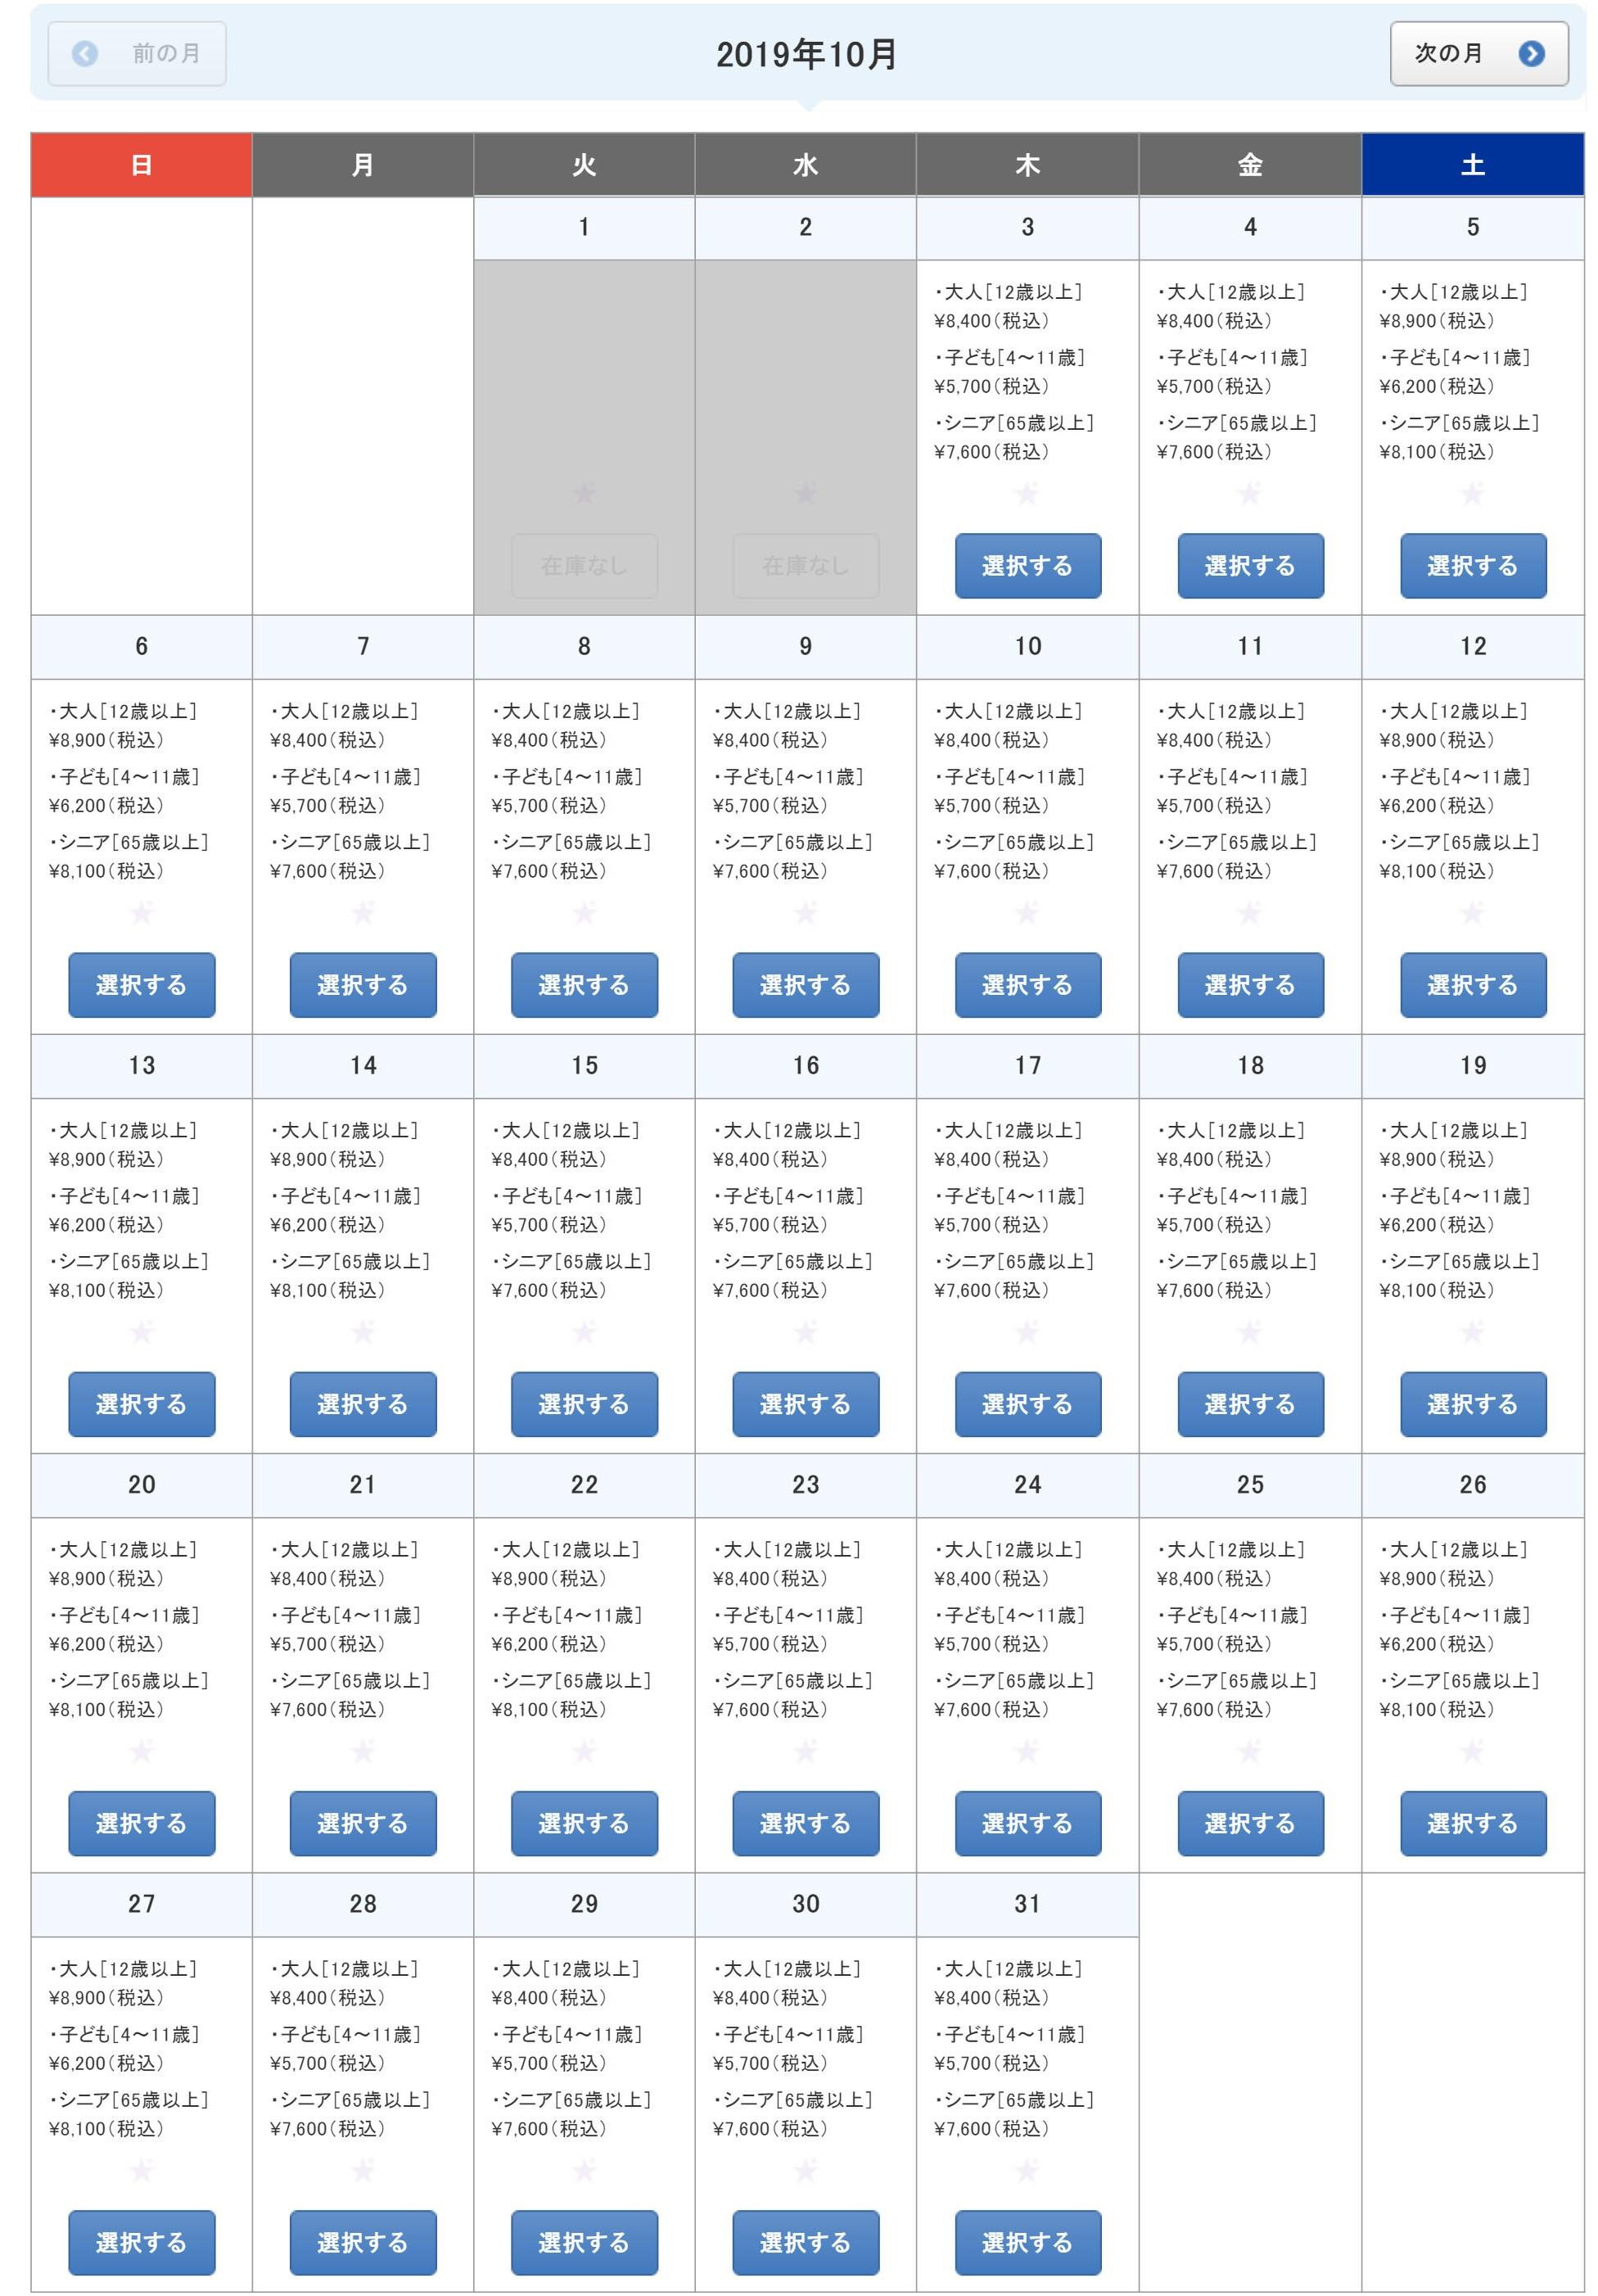 1デイ・スタジオ・パス価格カレンダー(10月)